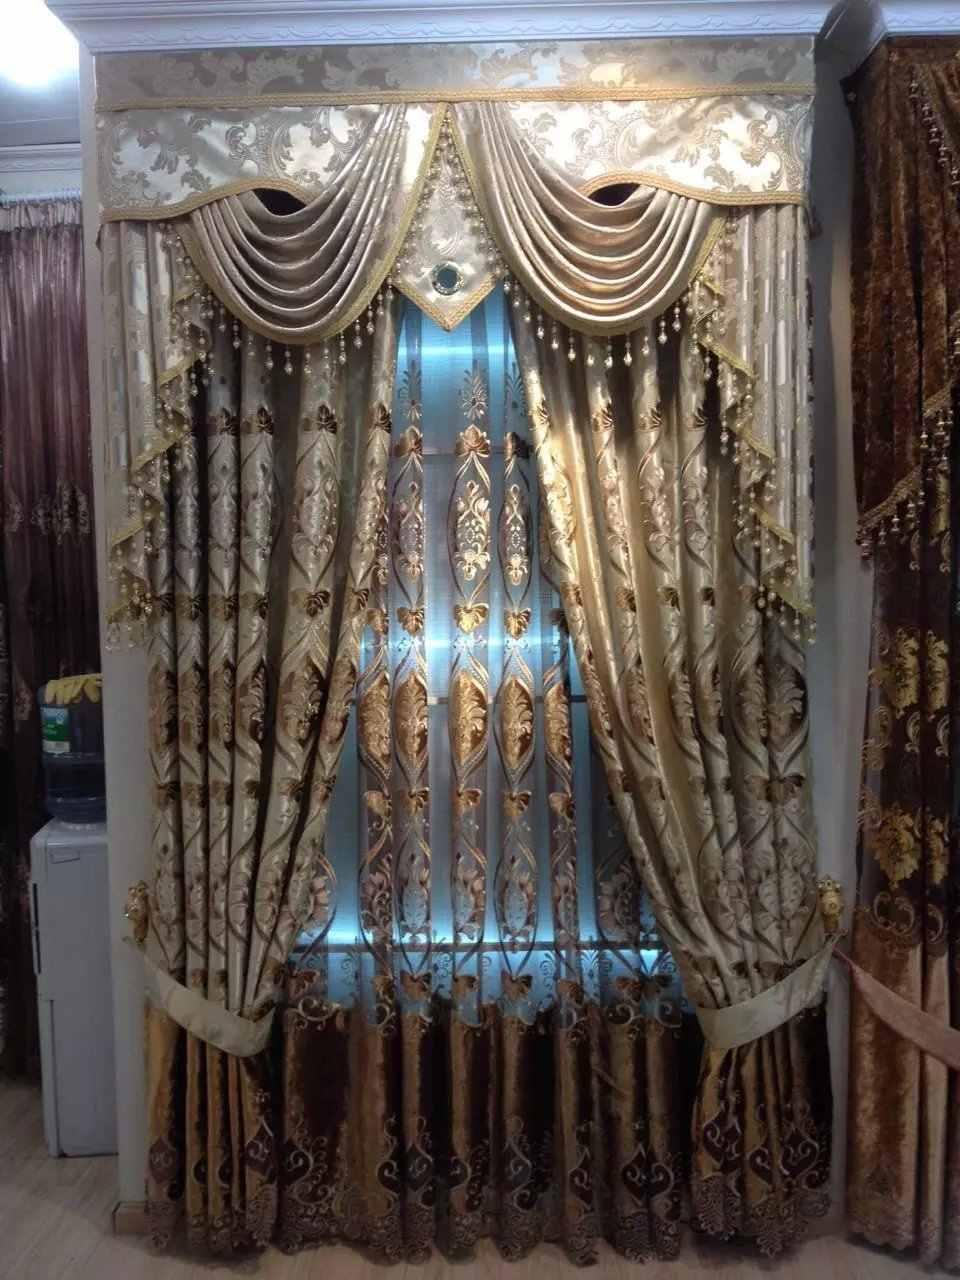 rideau magnetique de luxe de dubai pour salon porte d hotel broderie doree avec des perles de cristal temps anciens